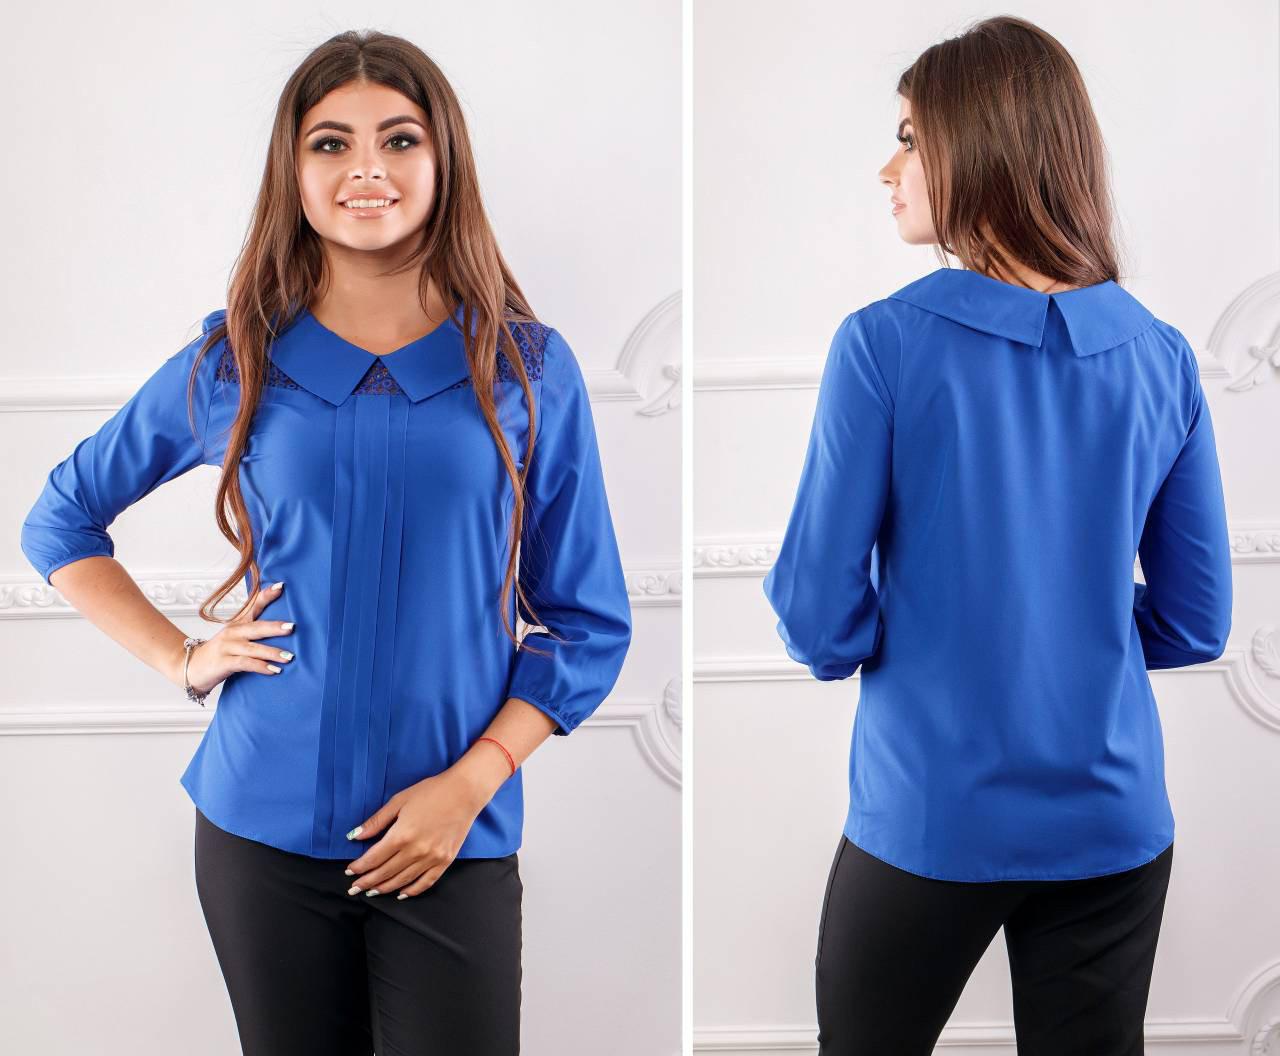 Блуза женская с воротником и кружевом, модель 124, цвет - электрик